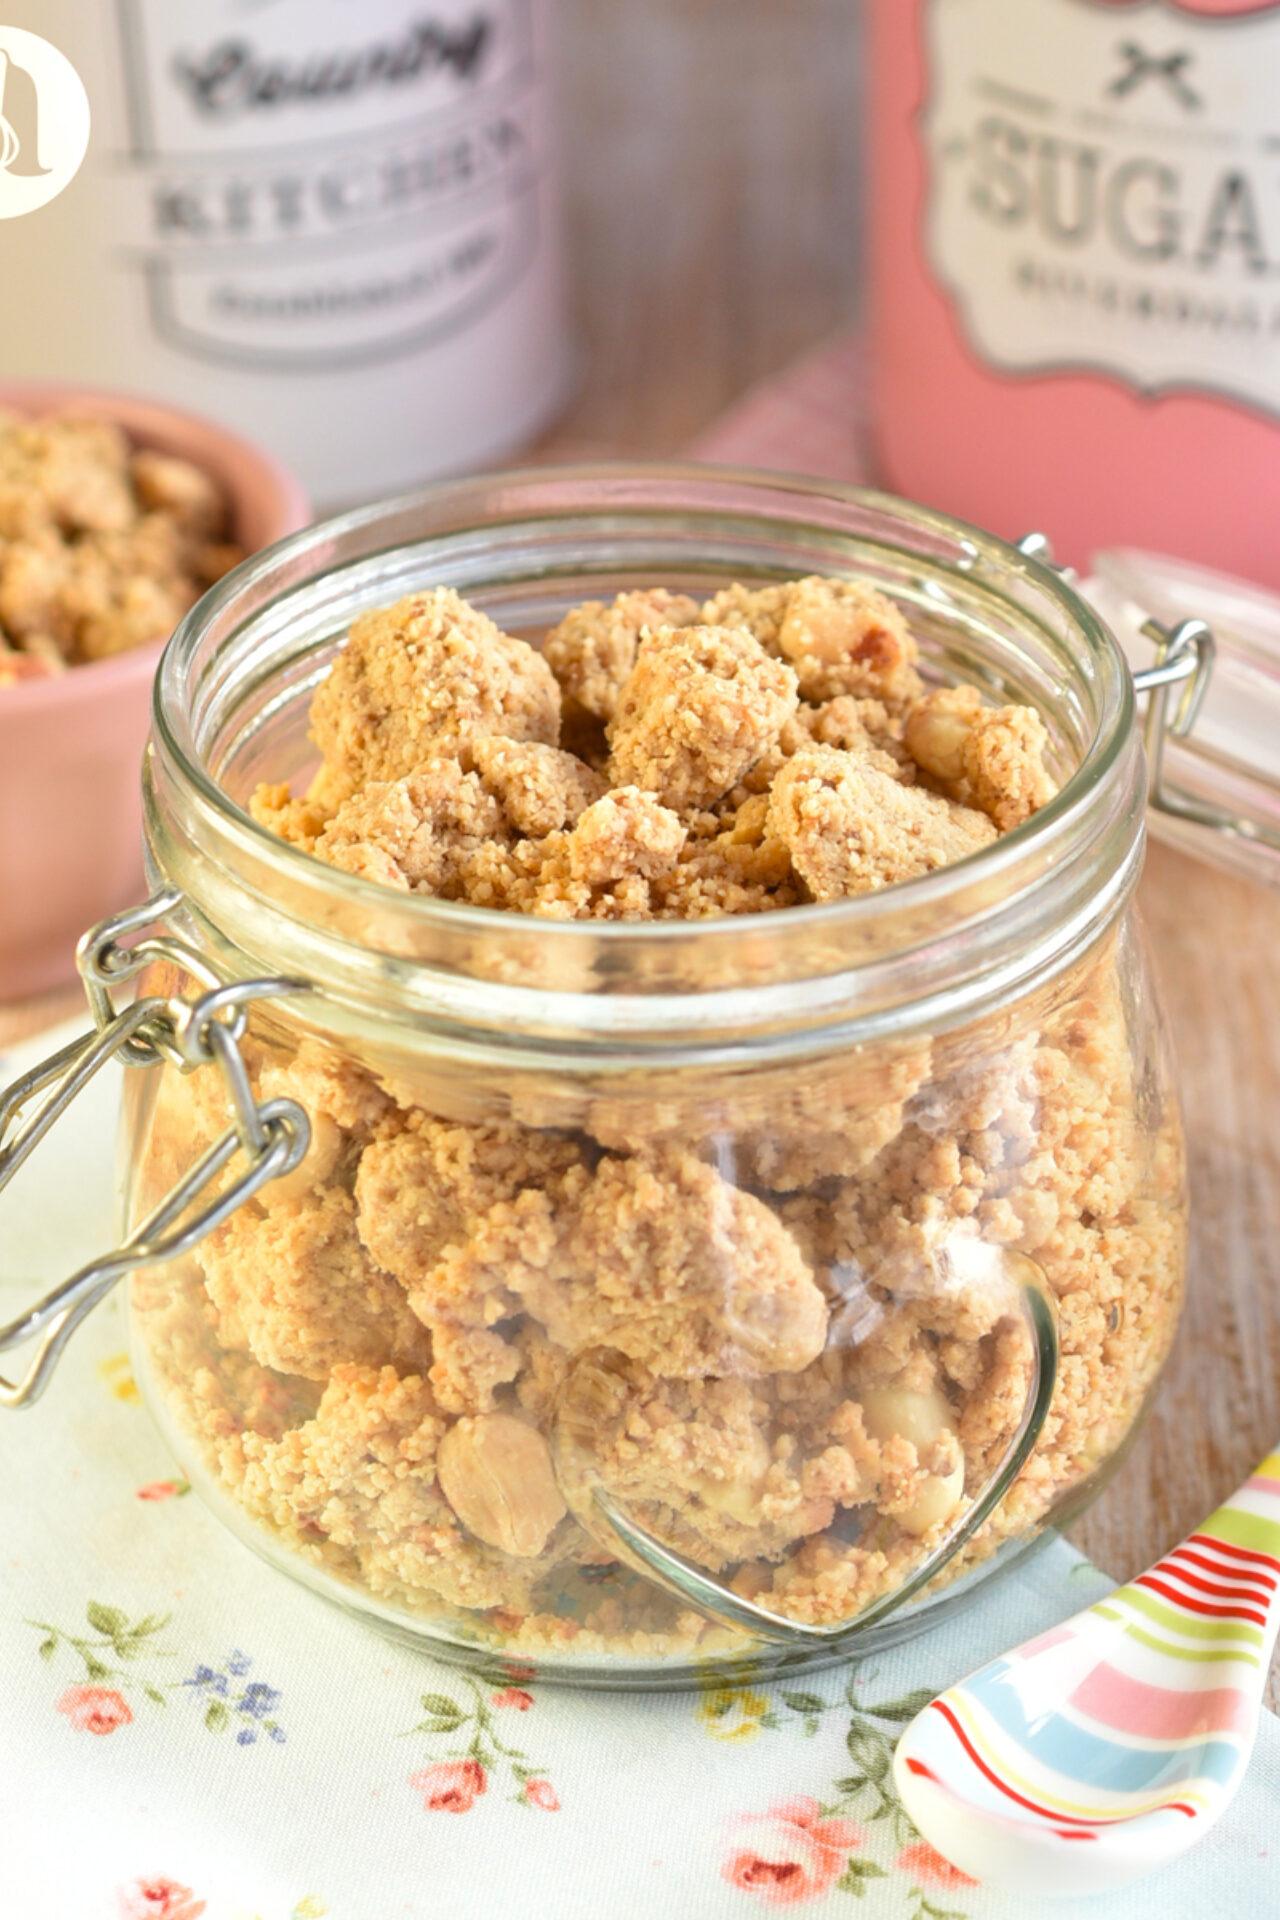 Granola tipo crumble de mantequilla de maní / cacahuetes (peanut butter)